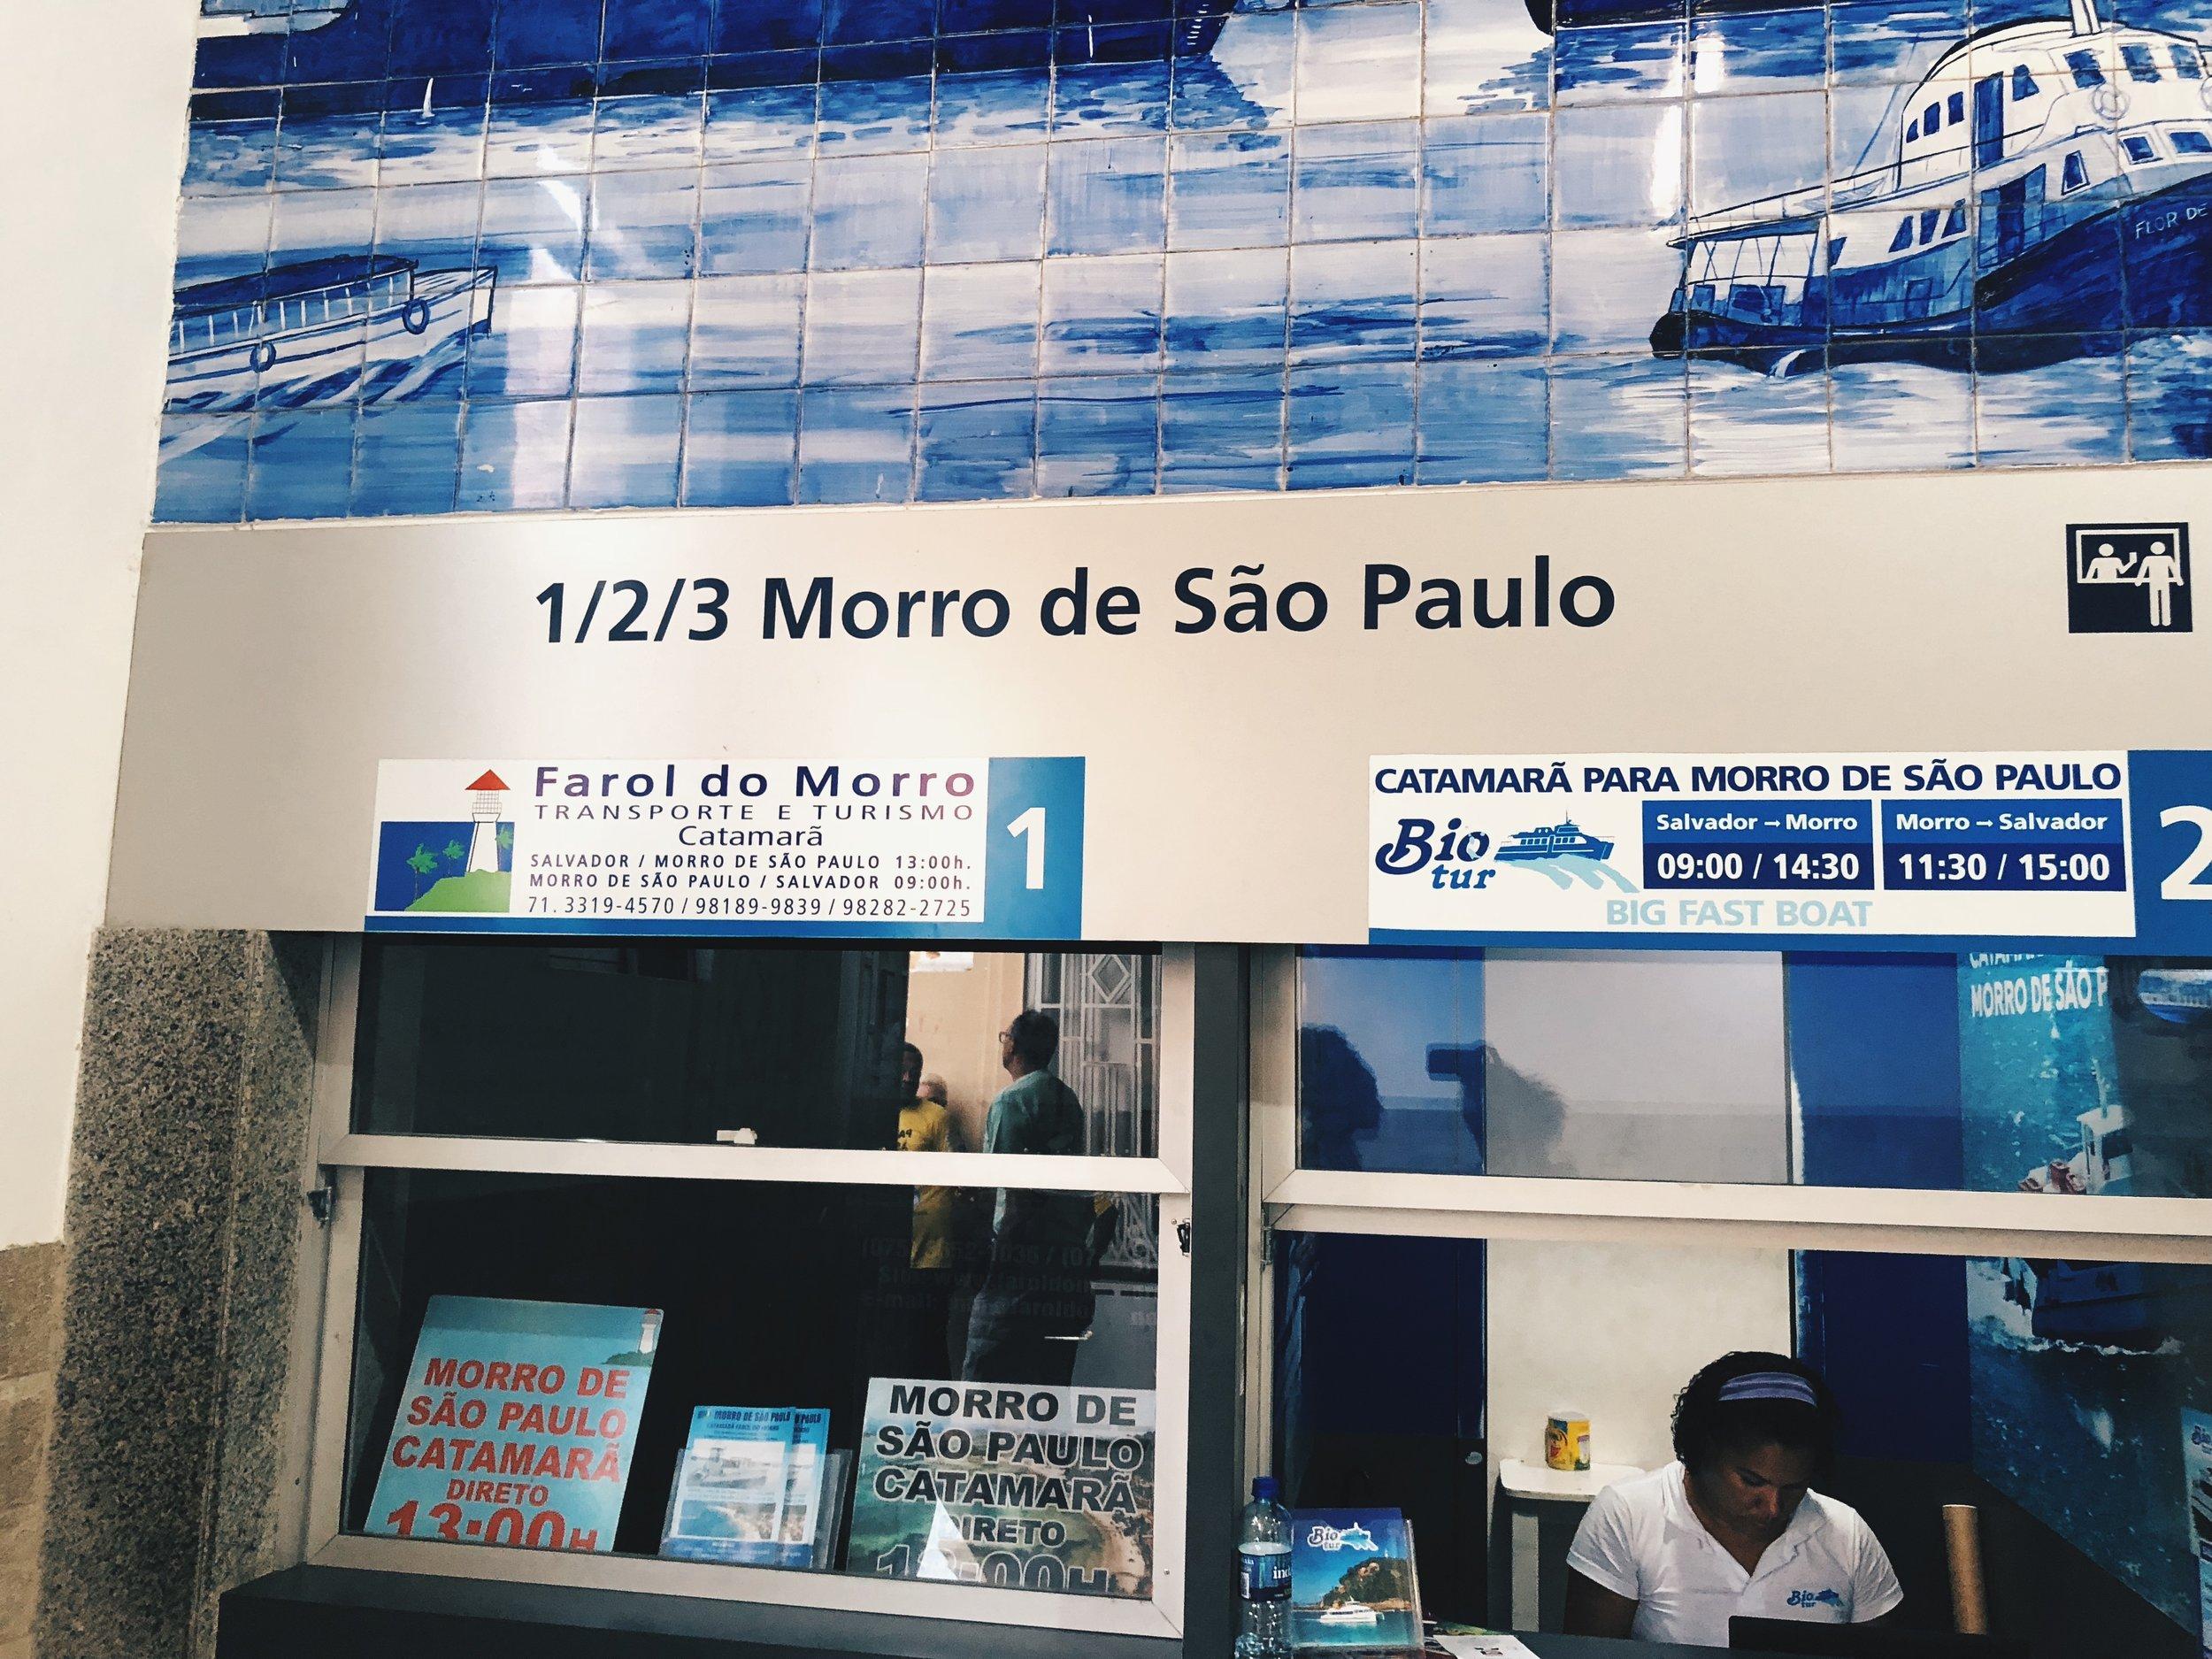 Dos & Don'ts of Visiting Beaches in Salvador, Brazil